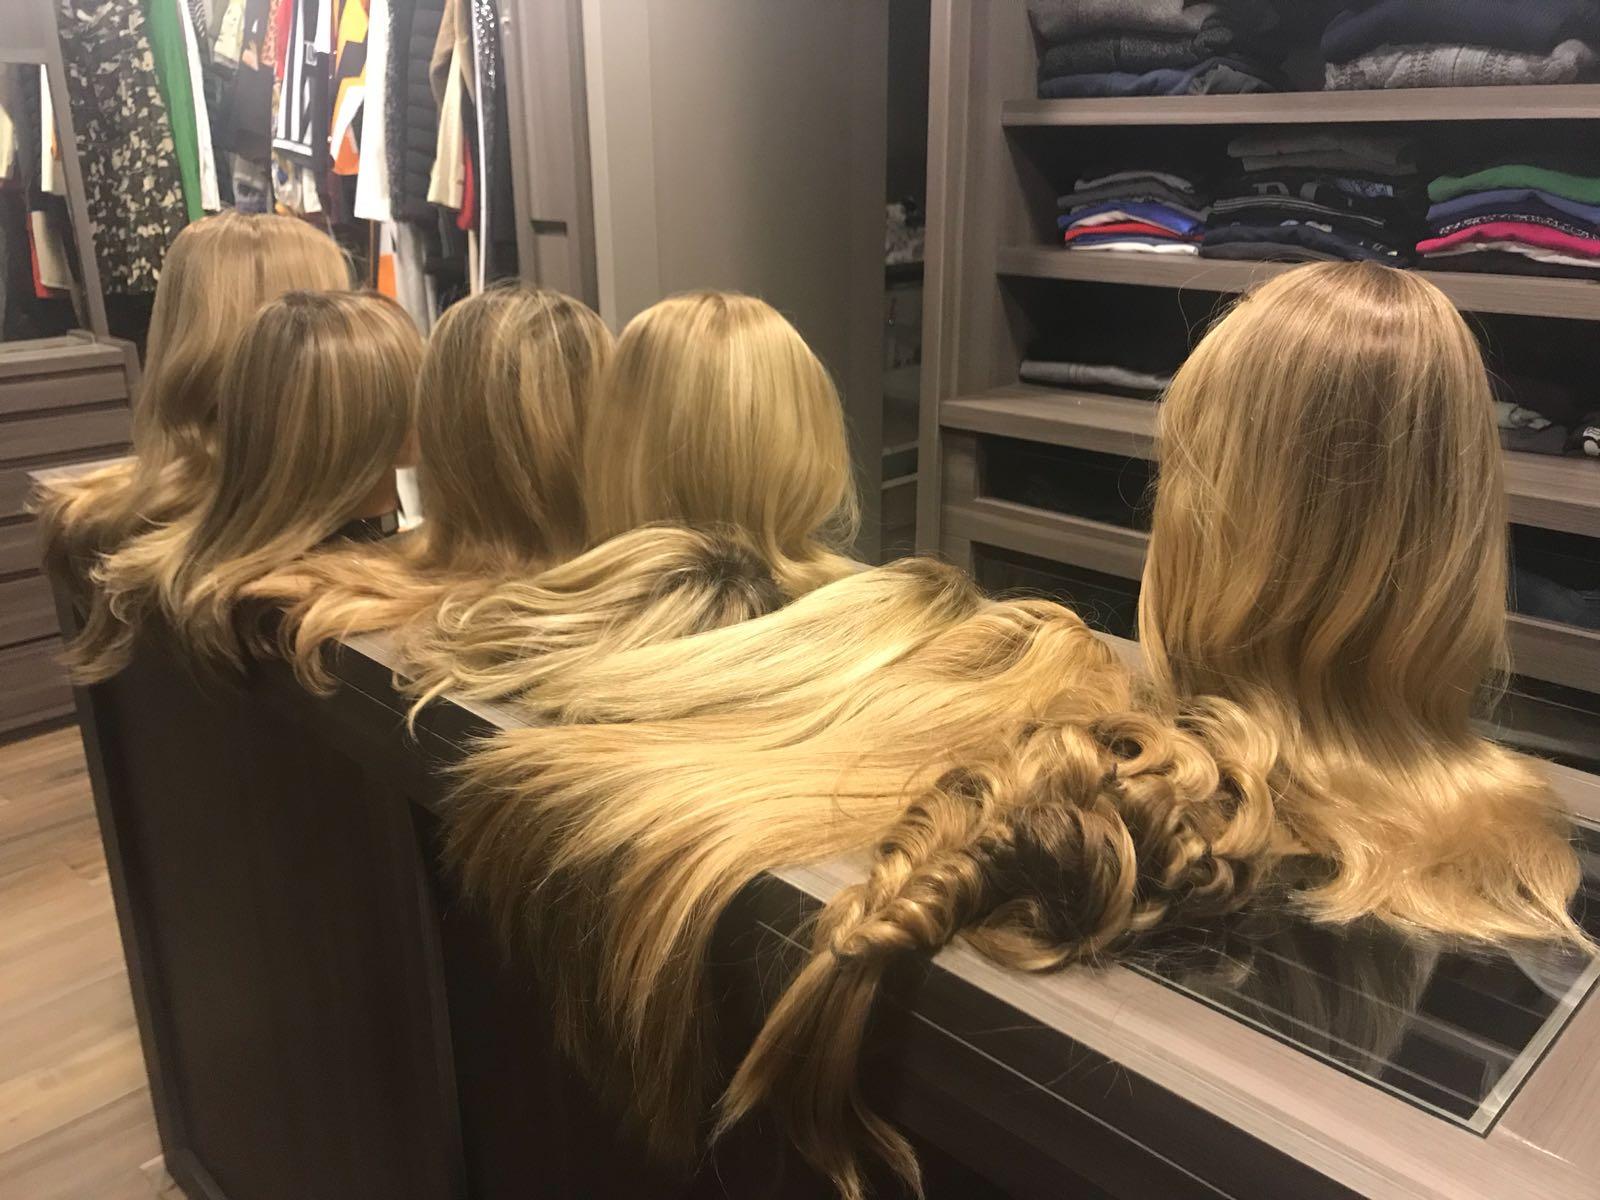 sarah mintz, maritza rodriguez, pelucas, cuidados, tips